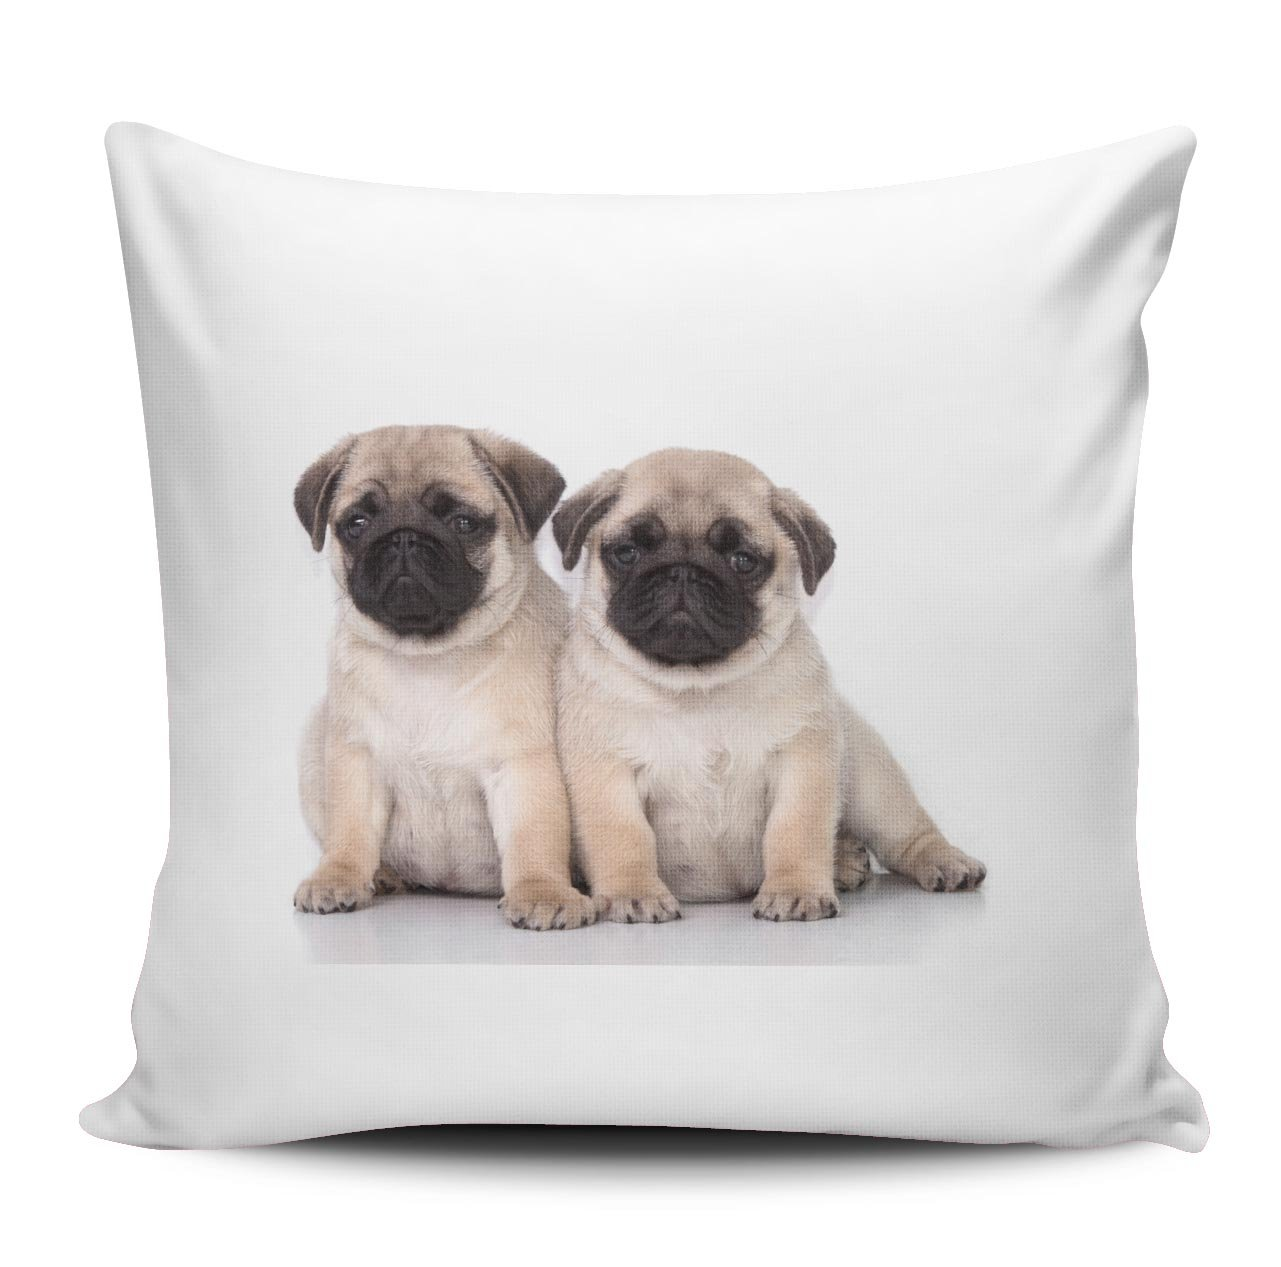 Dise/ño 018 Funda de coj/ín//Funda de almohada de sat/én 40 x 40 cm CARLINO de dos cachorros de lado